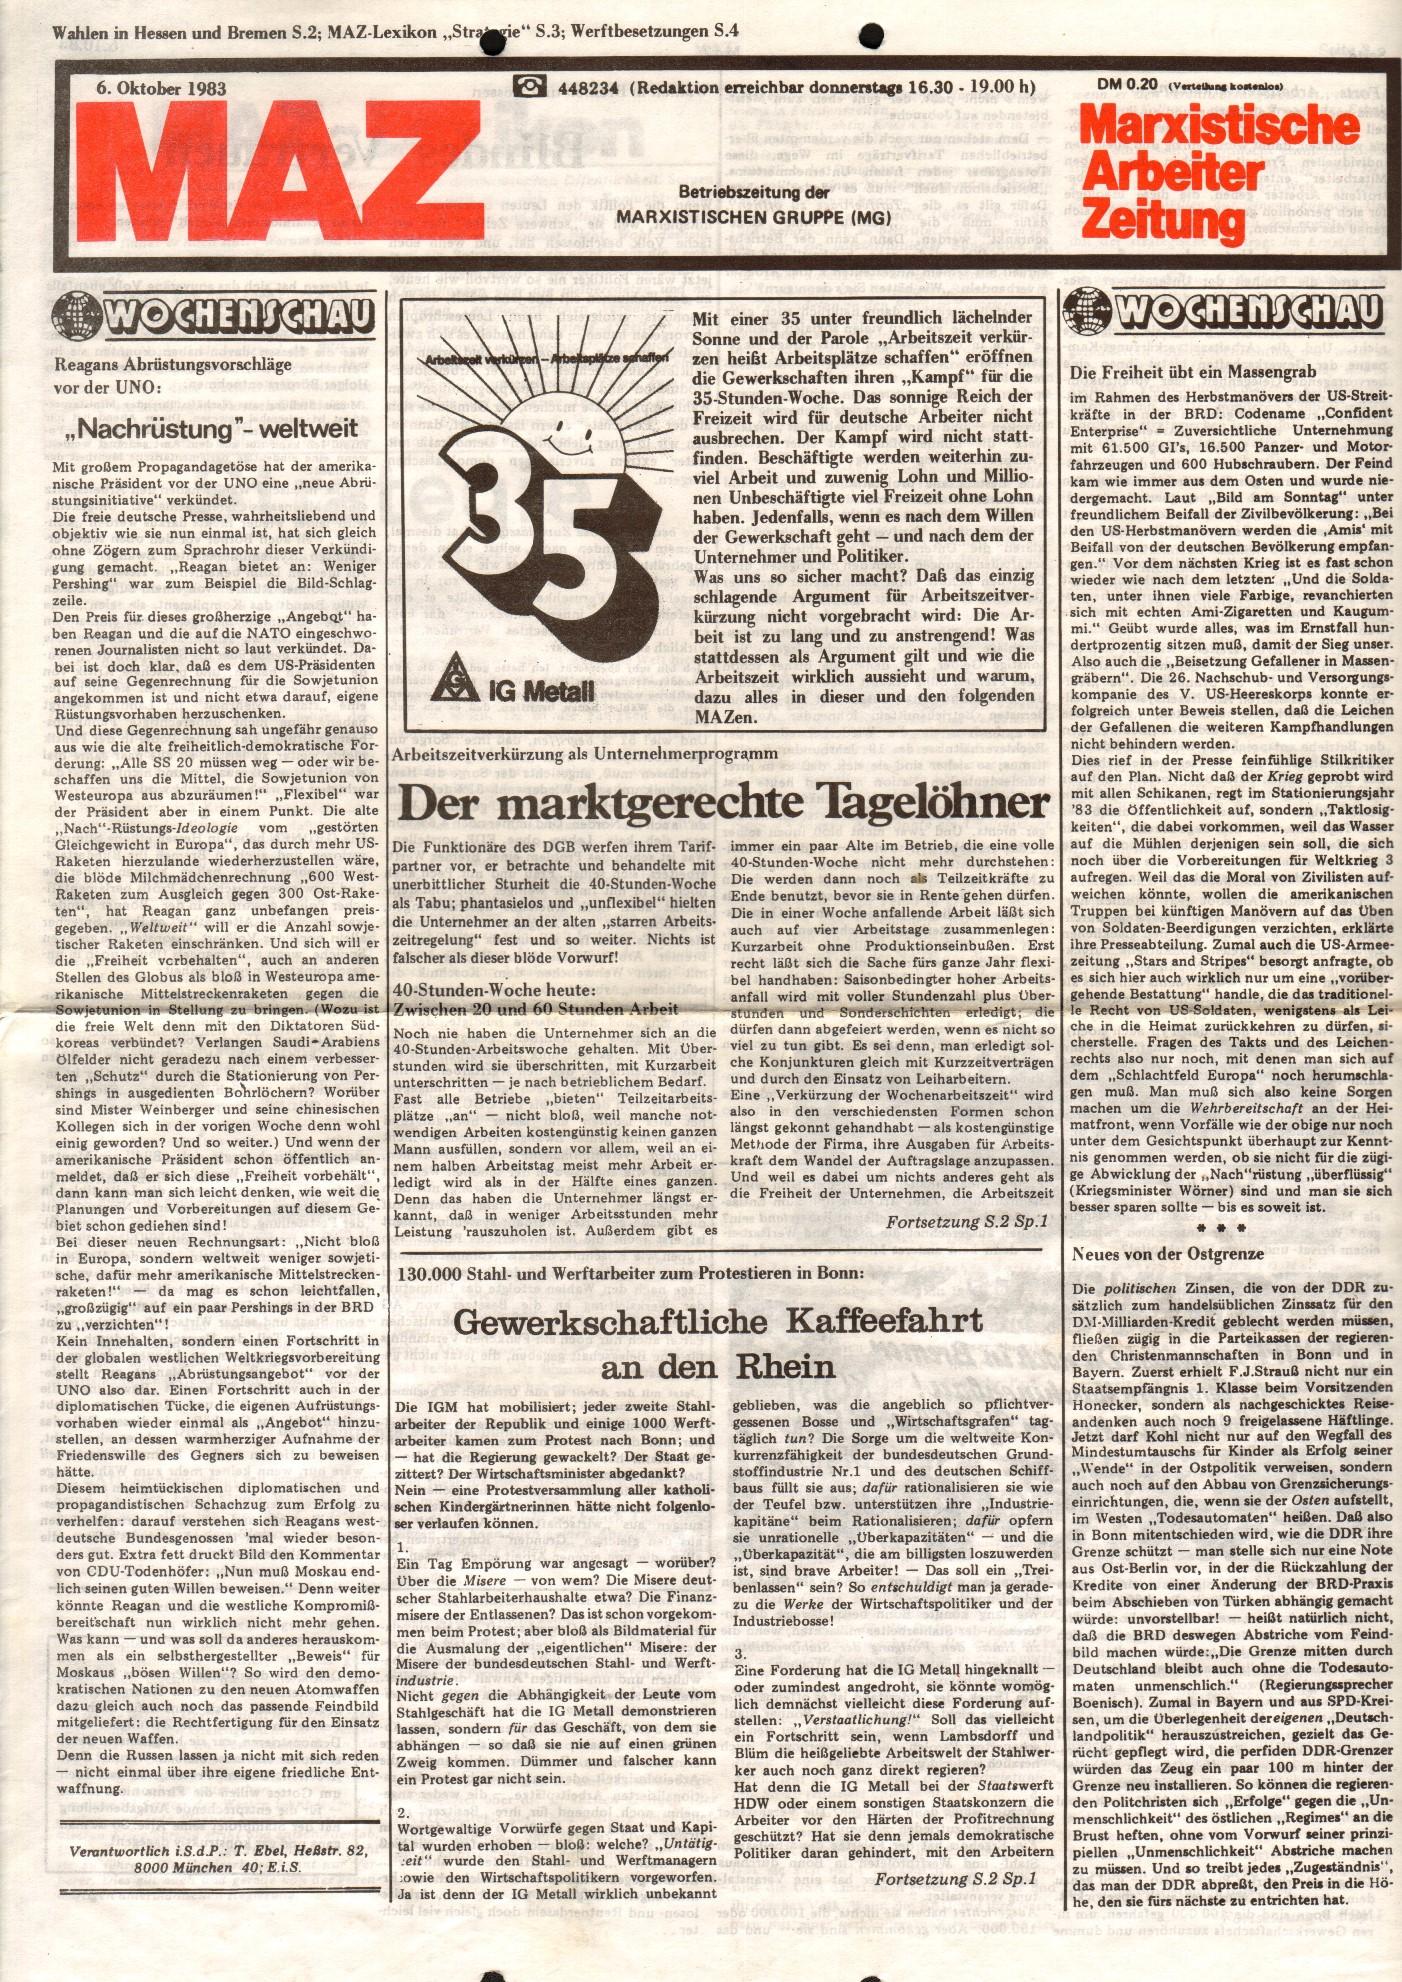 Hamburg_MG_MAZ_19831006_01